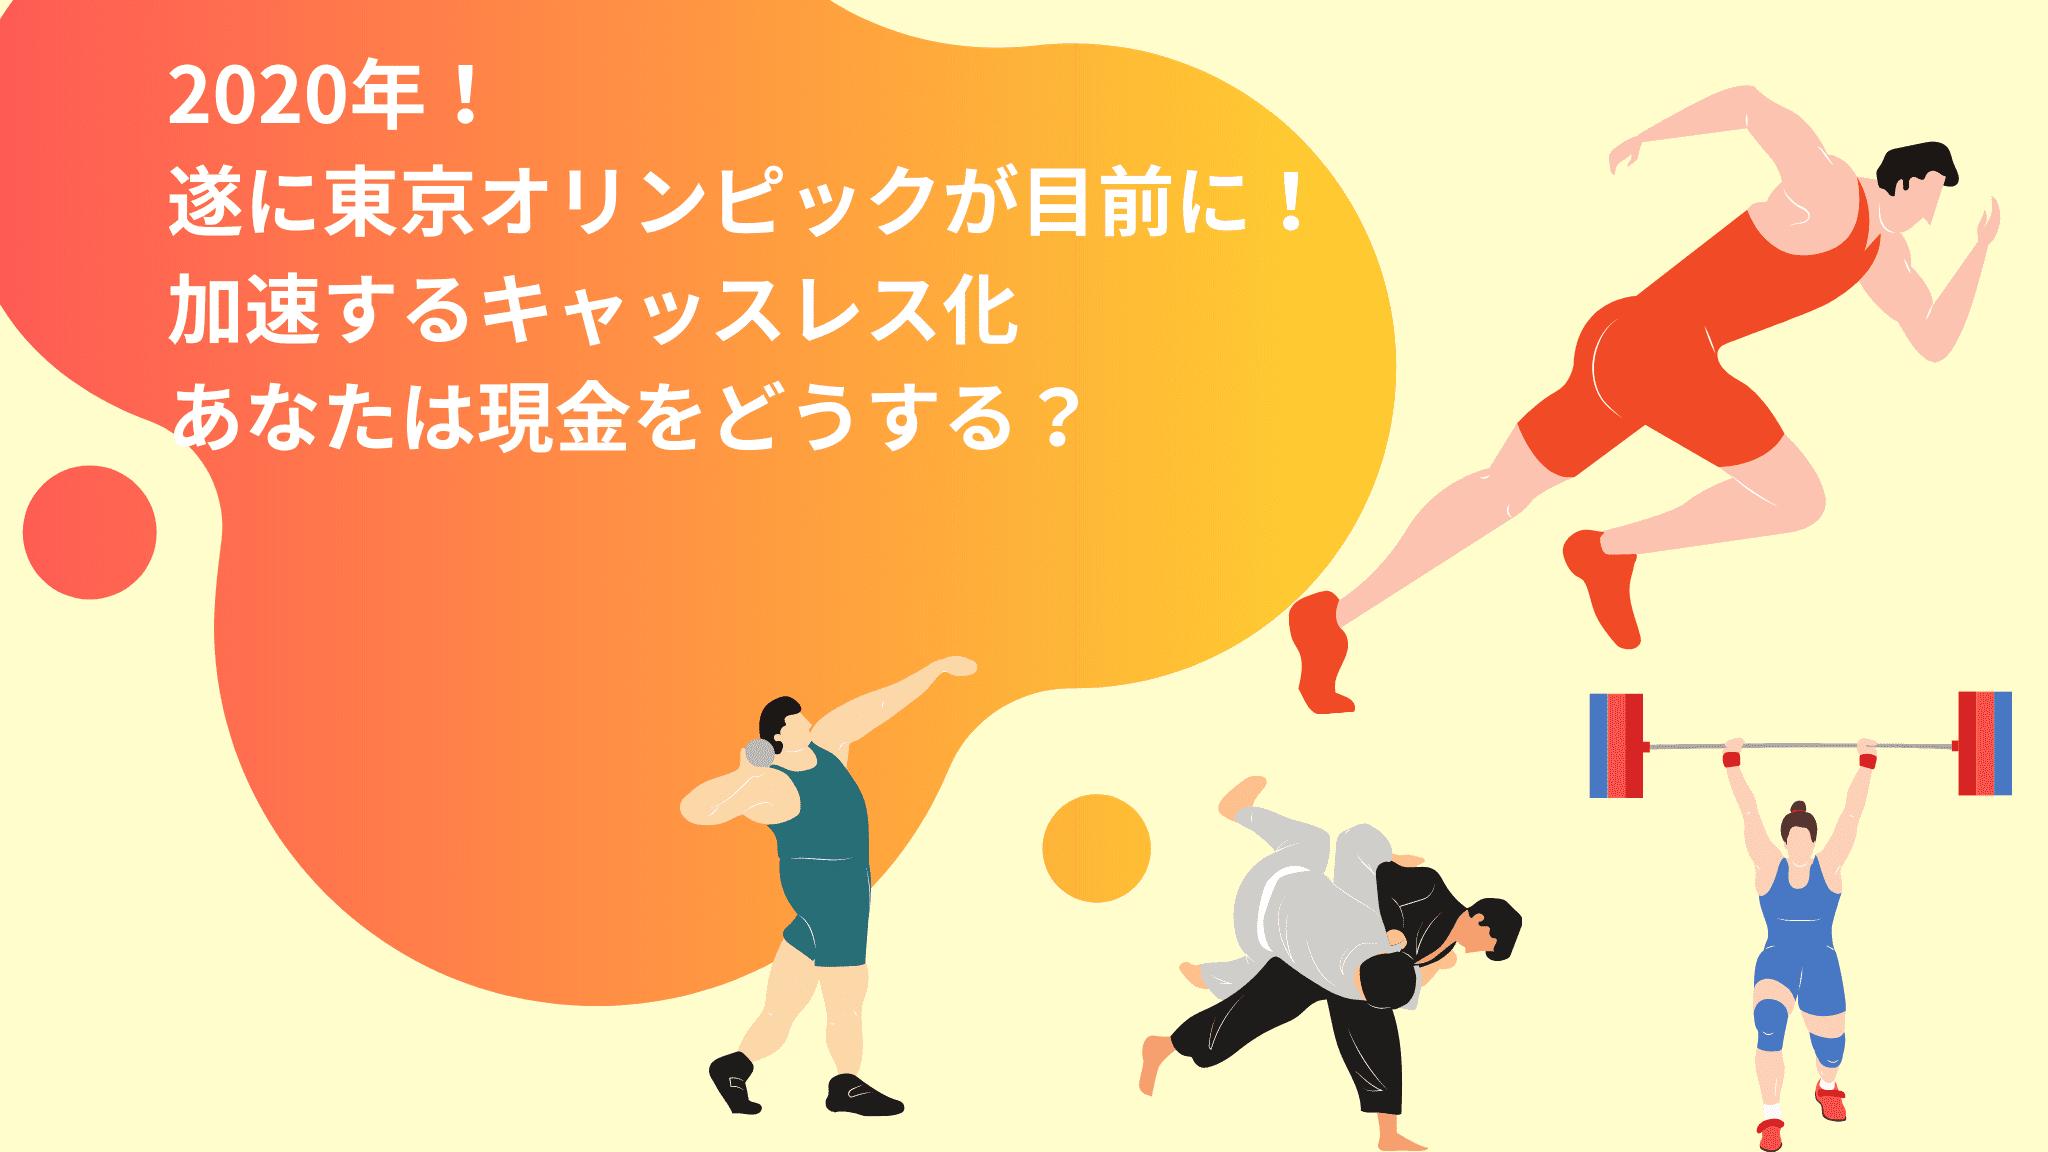 2020年!遂に東京オリンピックが目前に! ~加速するキャッスレス化 あなたは現金をどうする?~